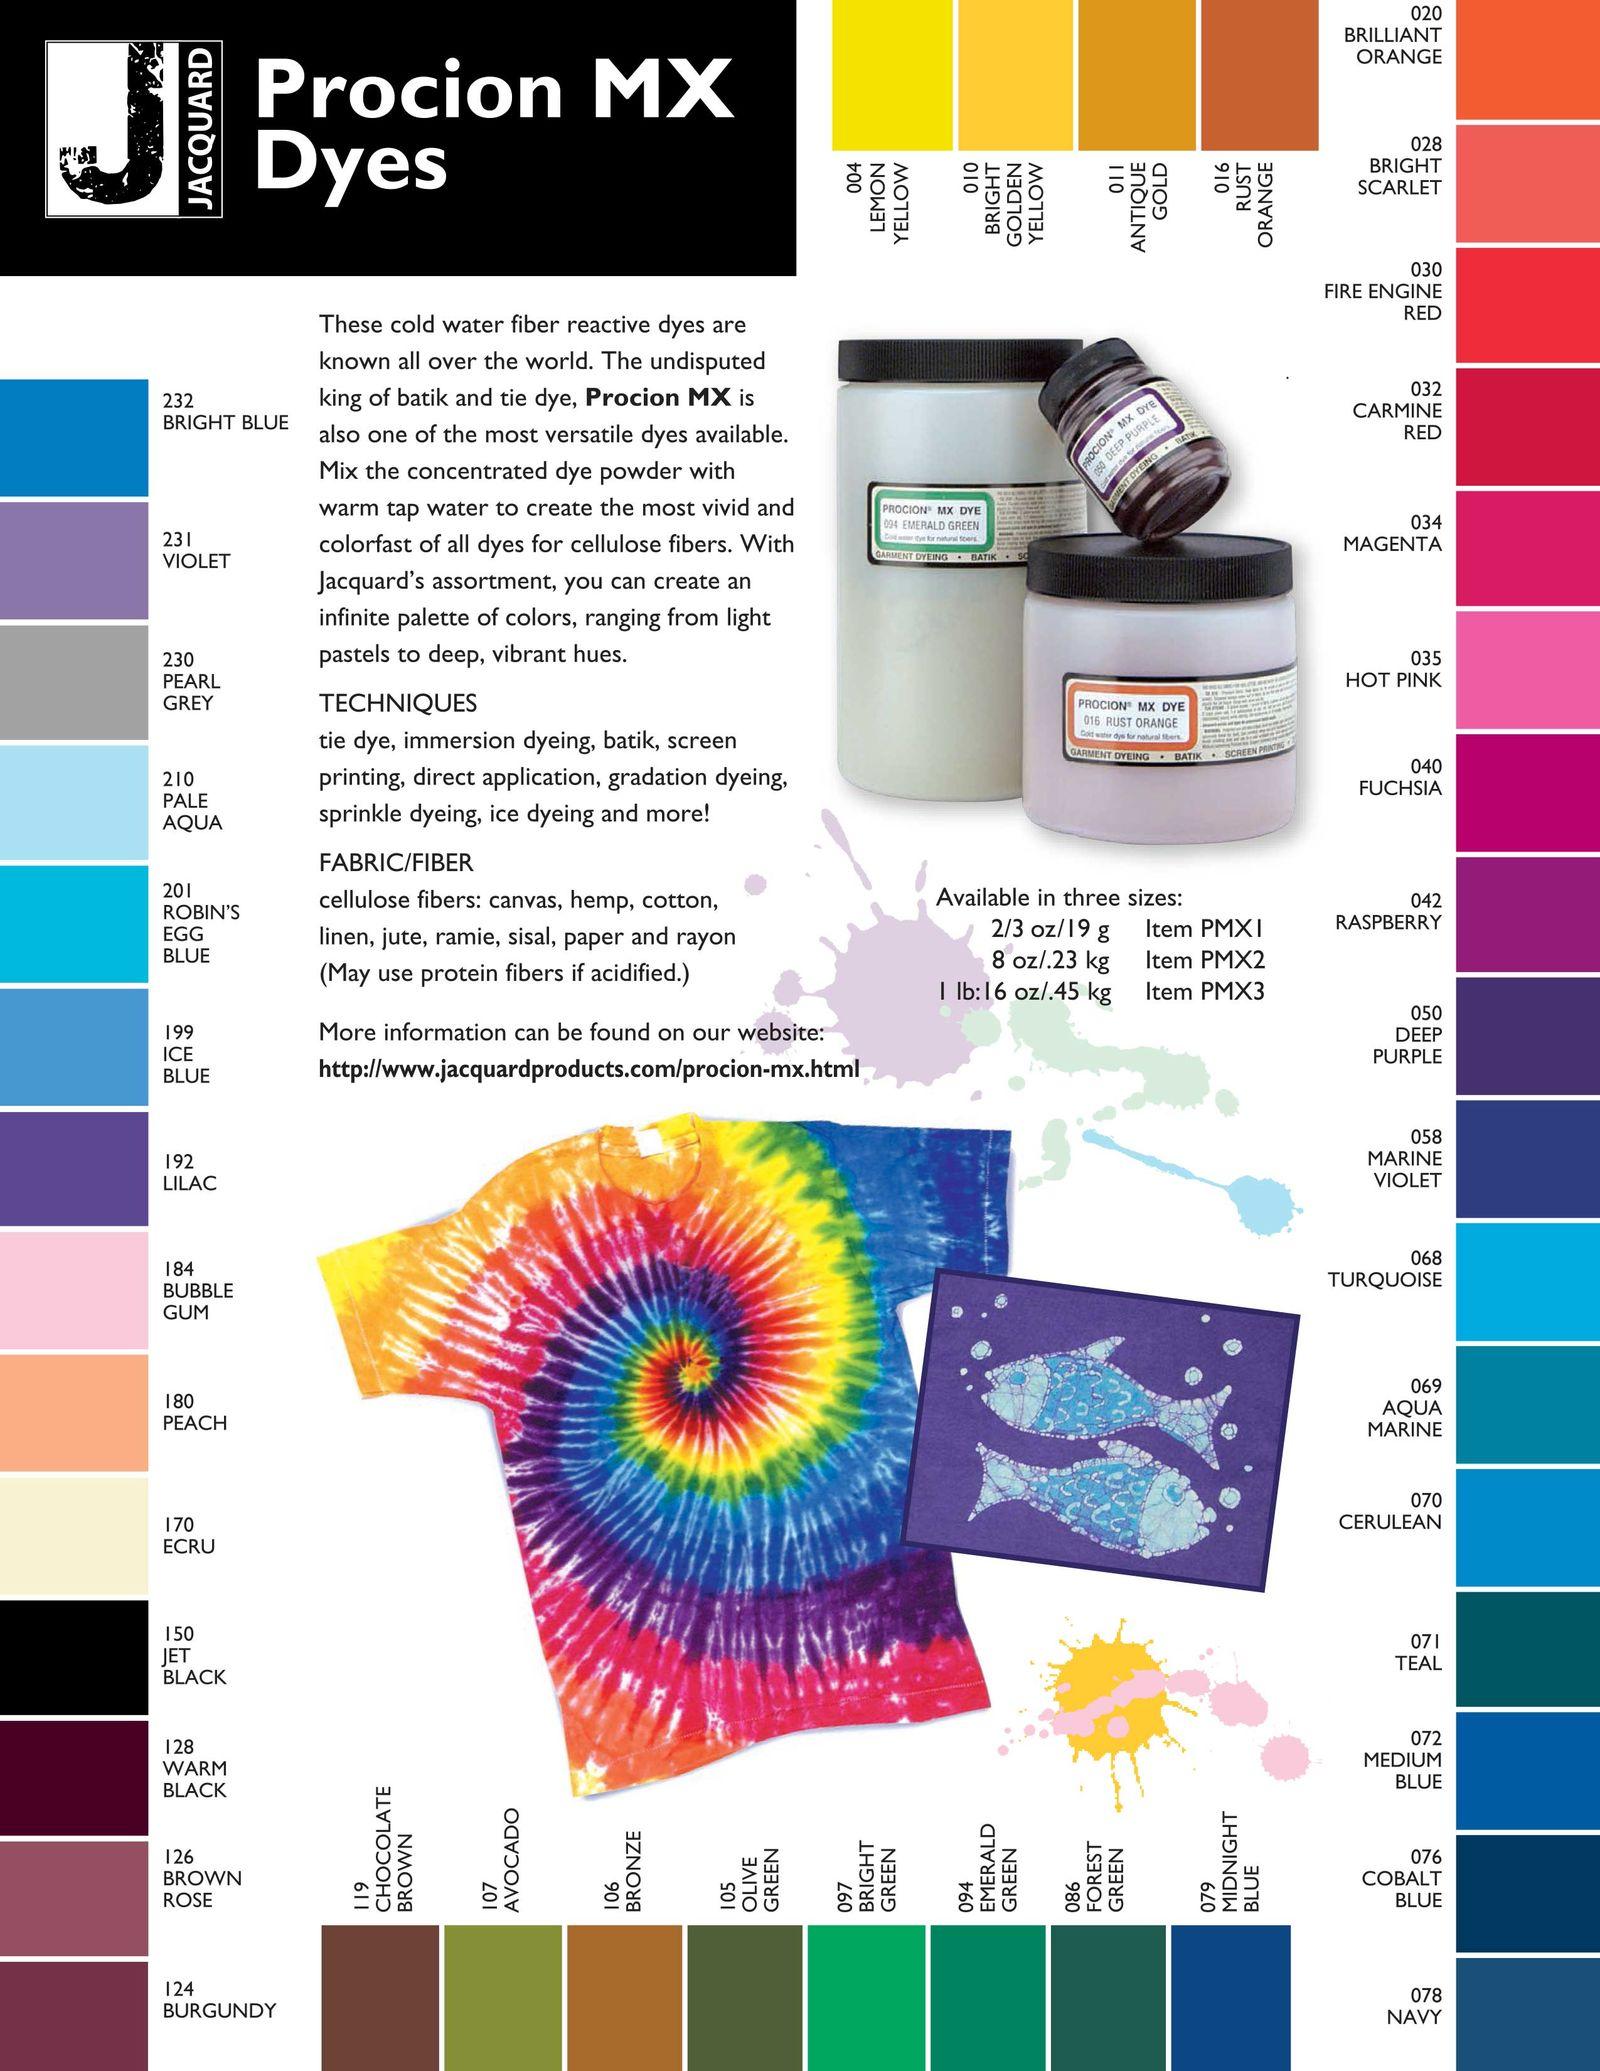 Jacquard procion mx dyes for cotton linen plant cellulose jacquard procion mx dyes for cotton linen plant cellulose fiber nvjuhfo Images